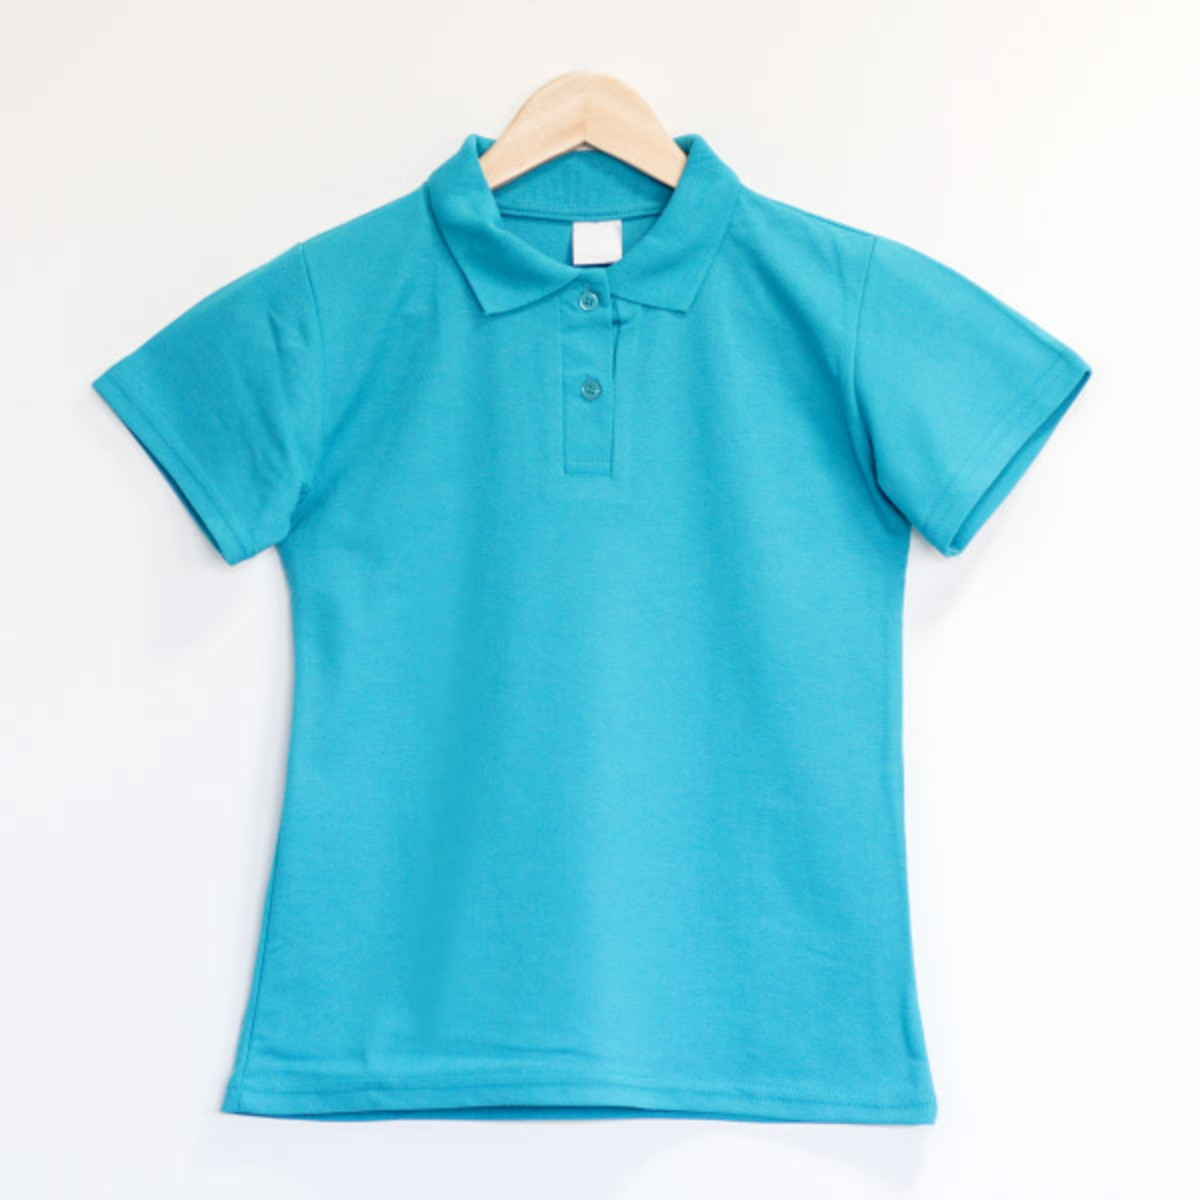 53b83d0332 Kit com 5 Camisetas Gola Polo Feminino no Elo7